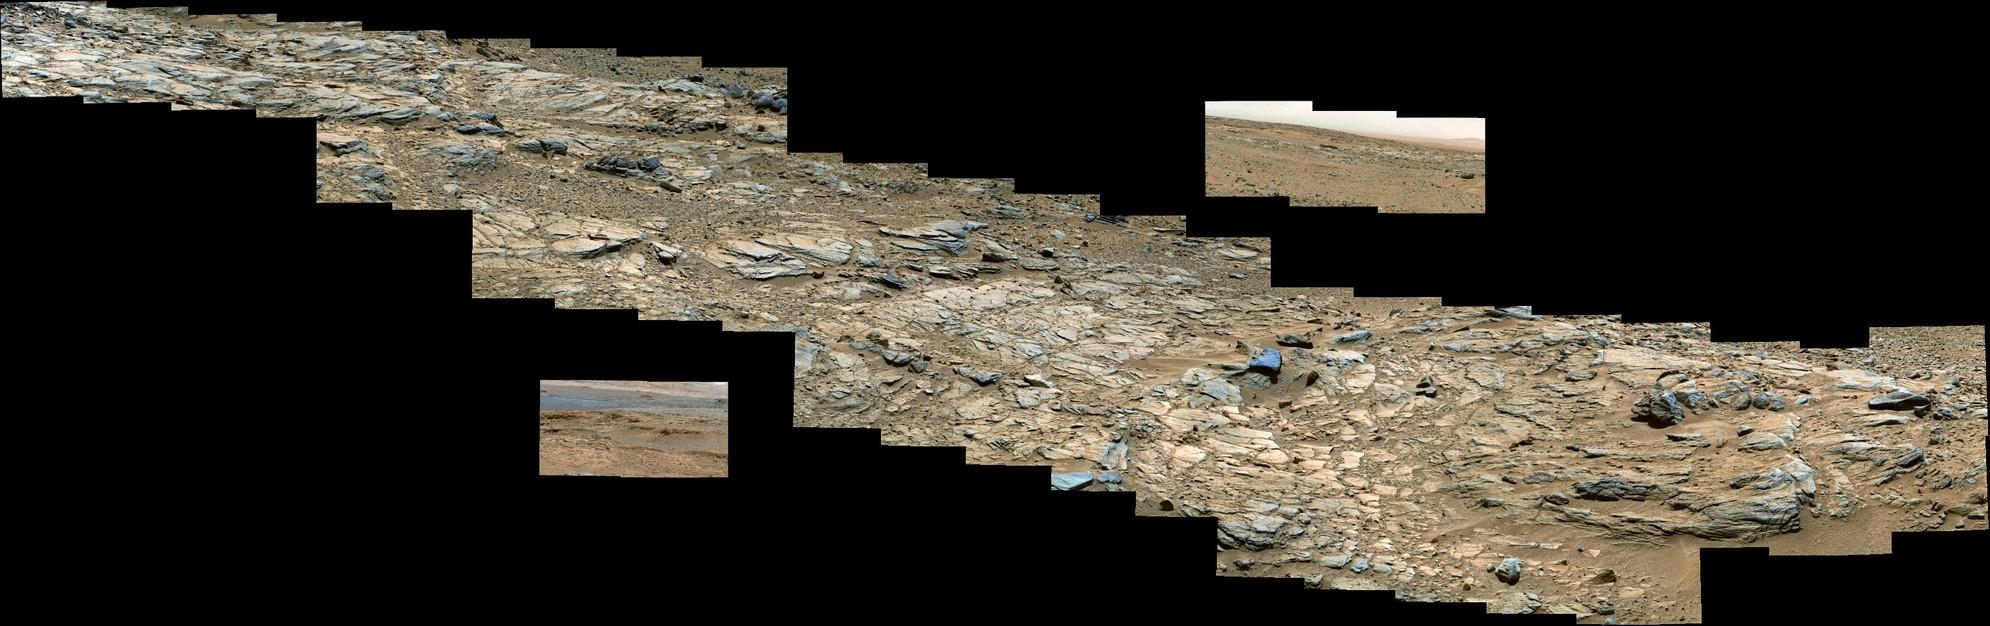 Curiosity Rover Sol 717 Composites